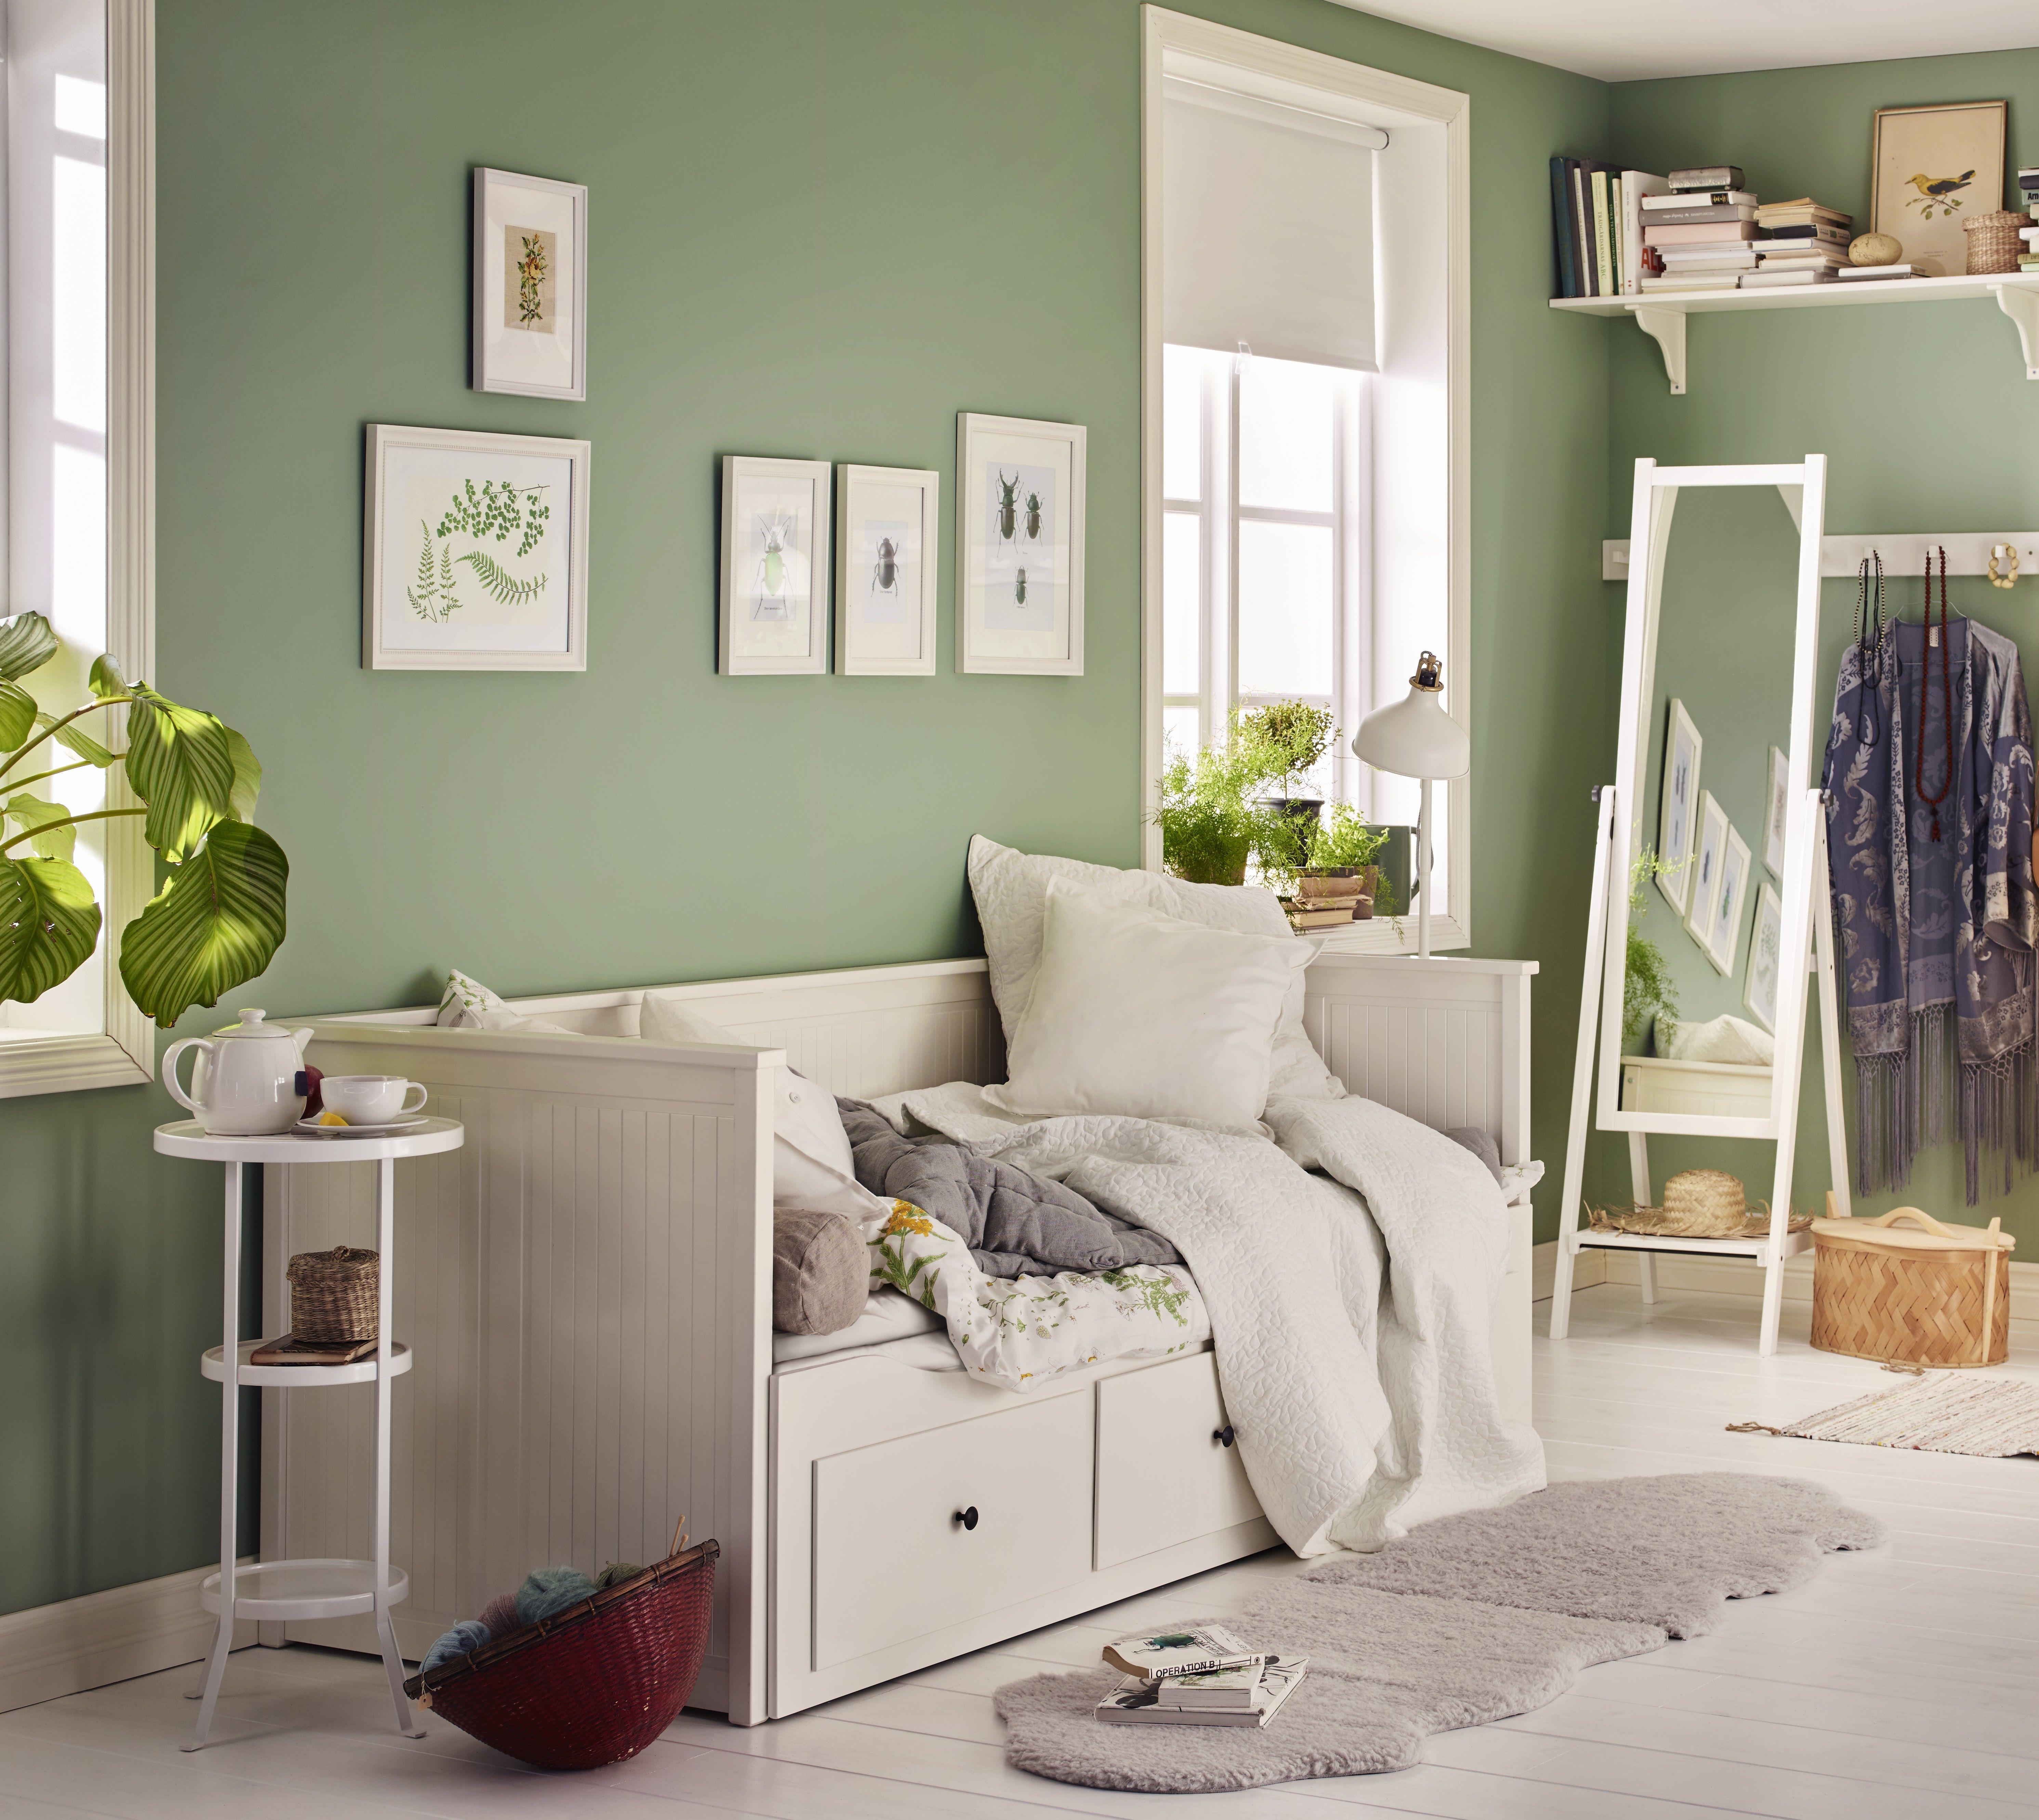 HEMNES bedbank  IKEA IKEAnl slaapkamer landelijk wit